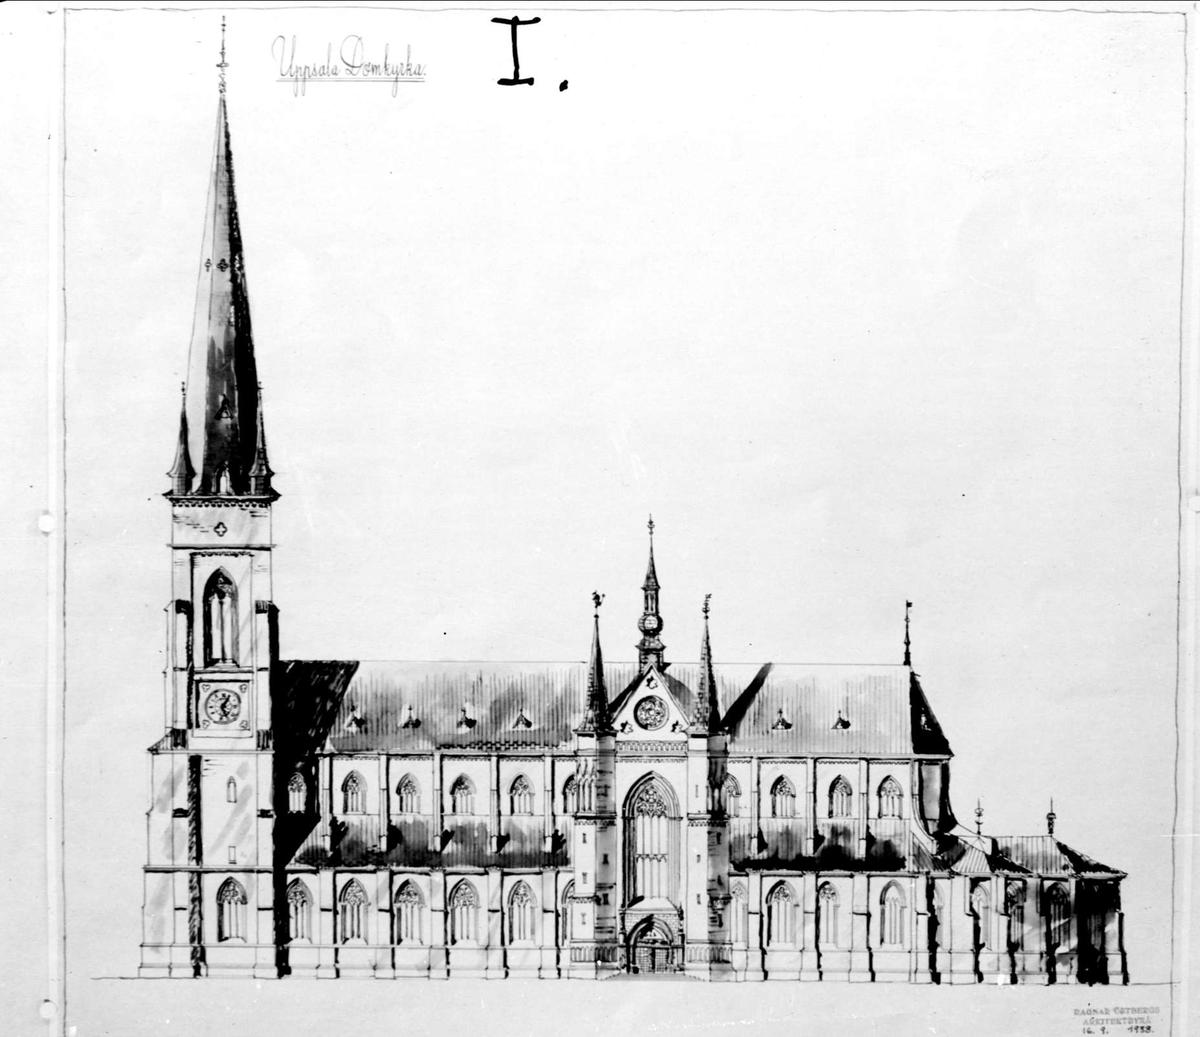 Ritning, Uppsala domkyrka, Uppsala oktober 1941